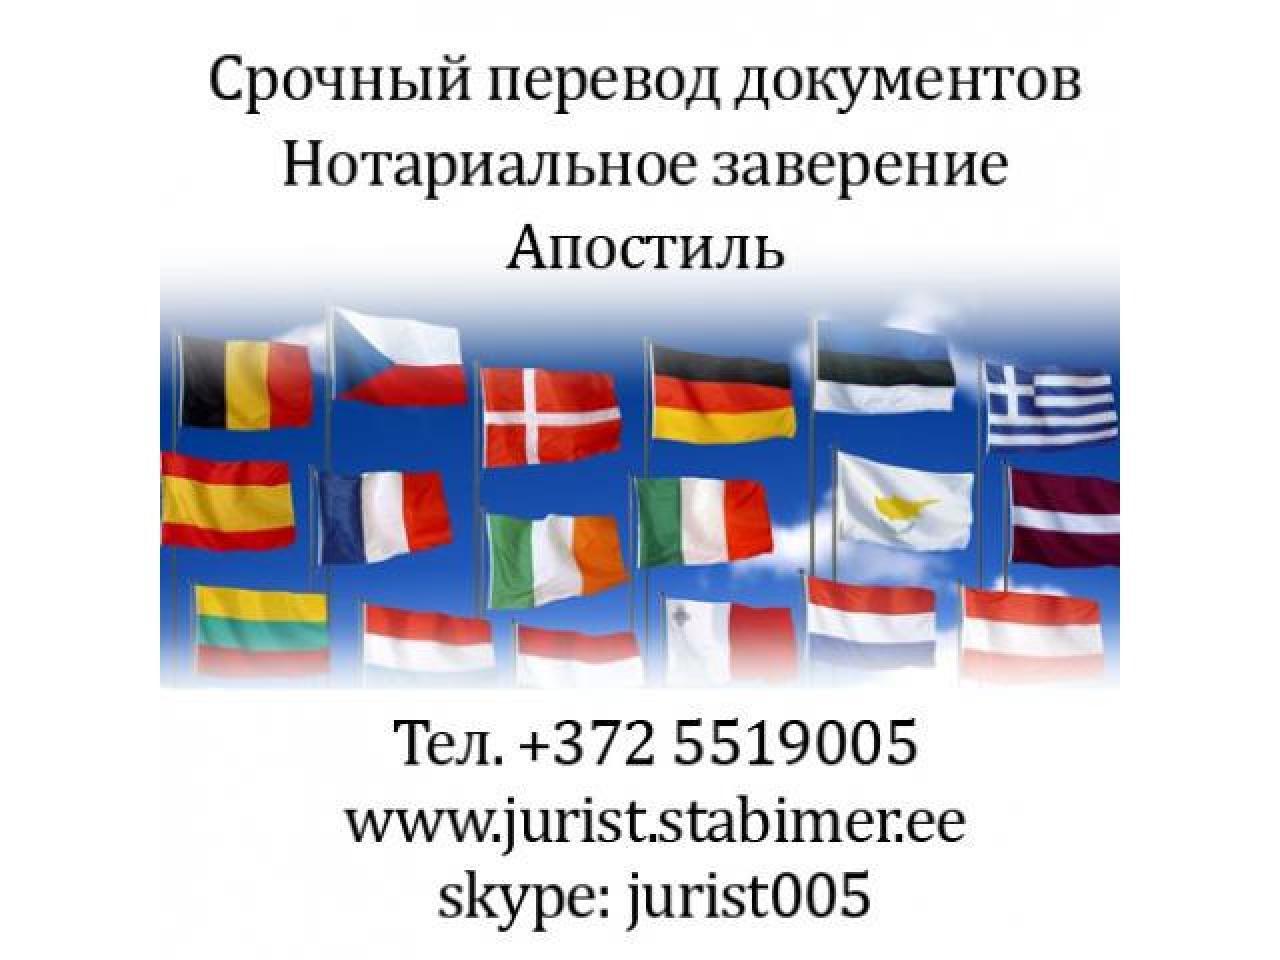 Юрист. Юридическая консультация. Услуги юриста. Представим Ваши интересы в Эстонии. - 2